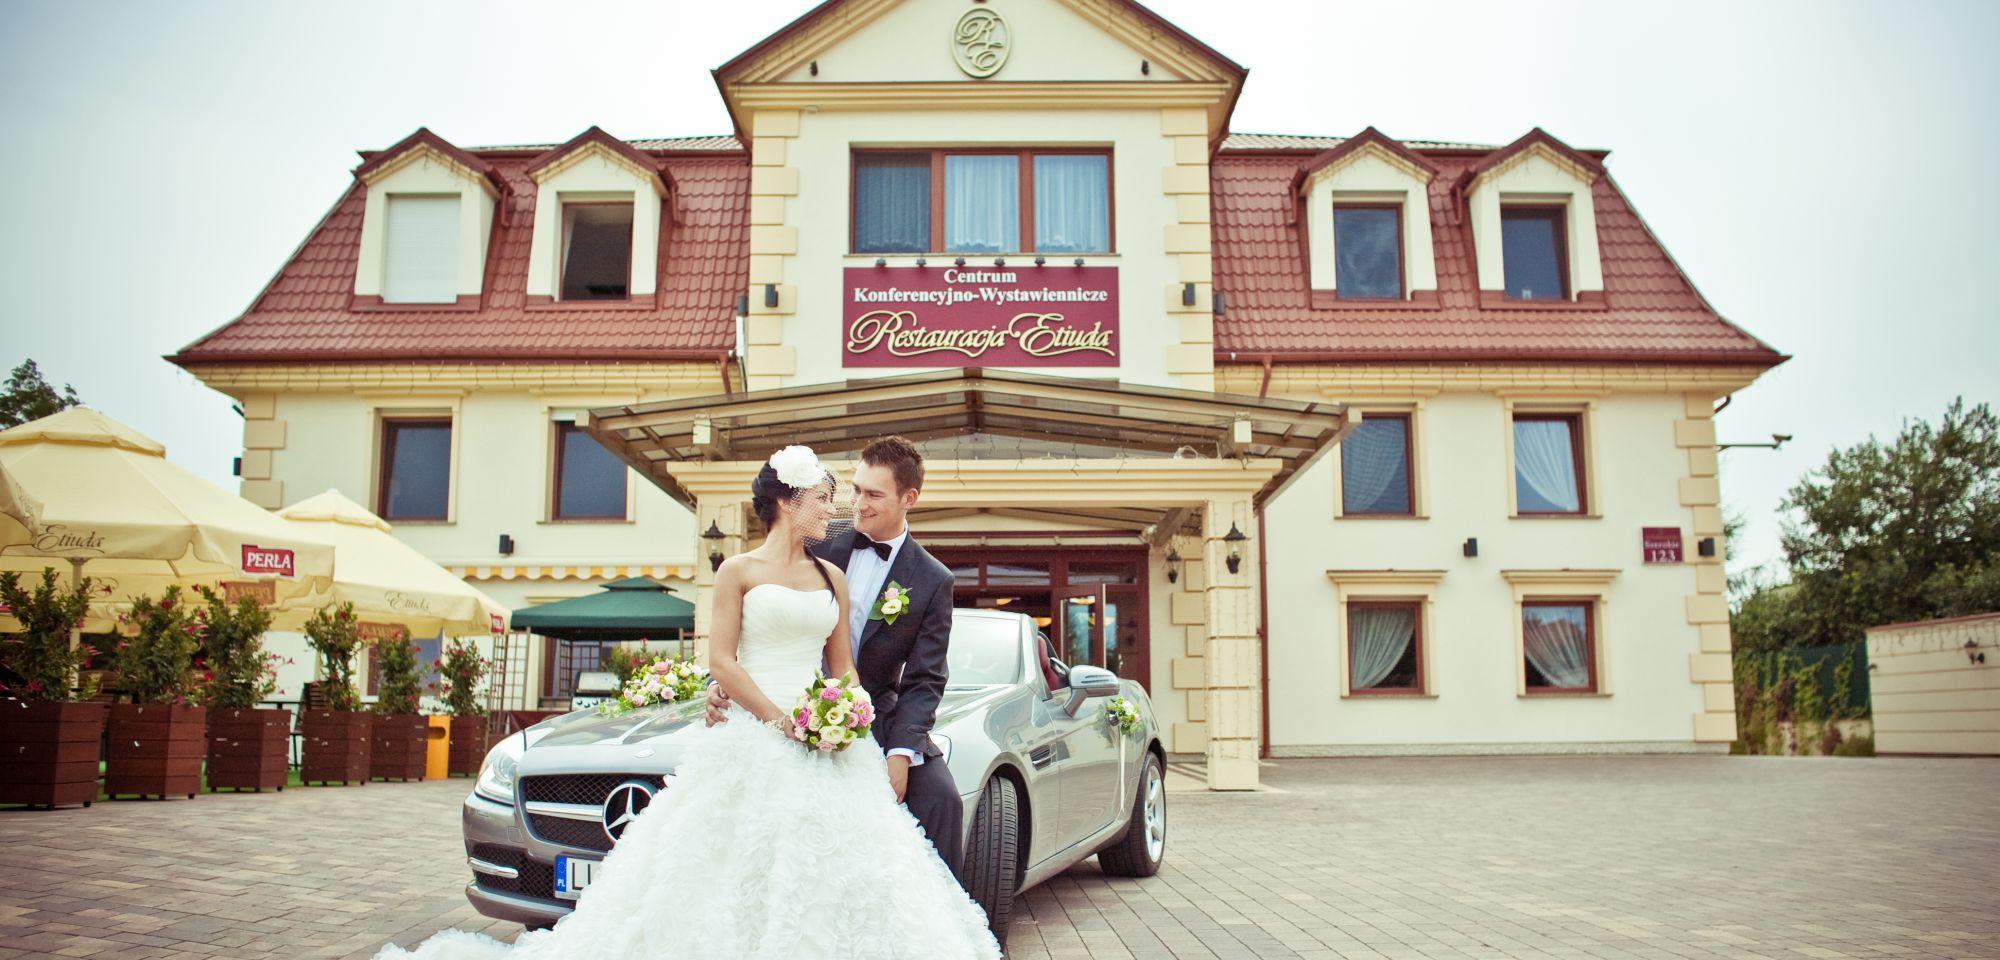 Przyjęcie weselne w Etiudzie